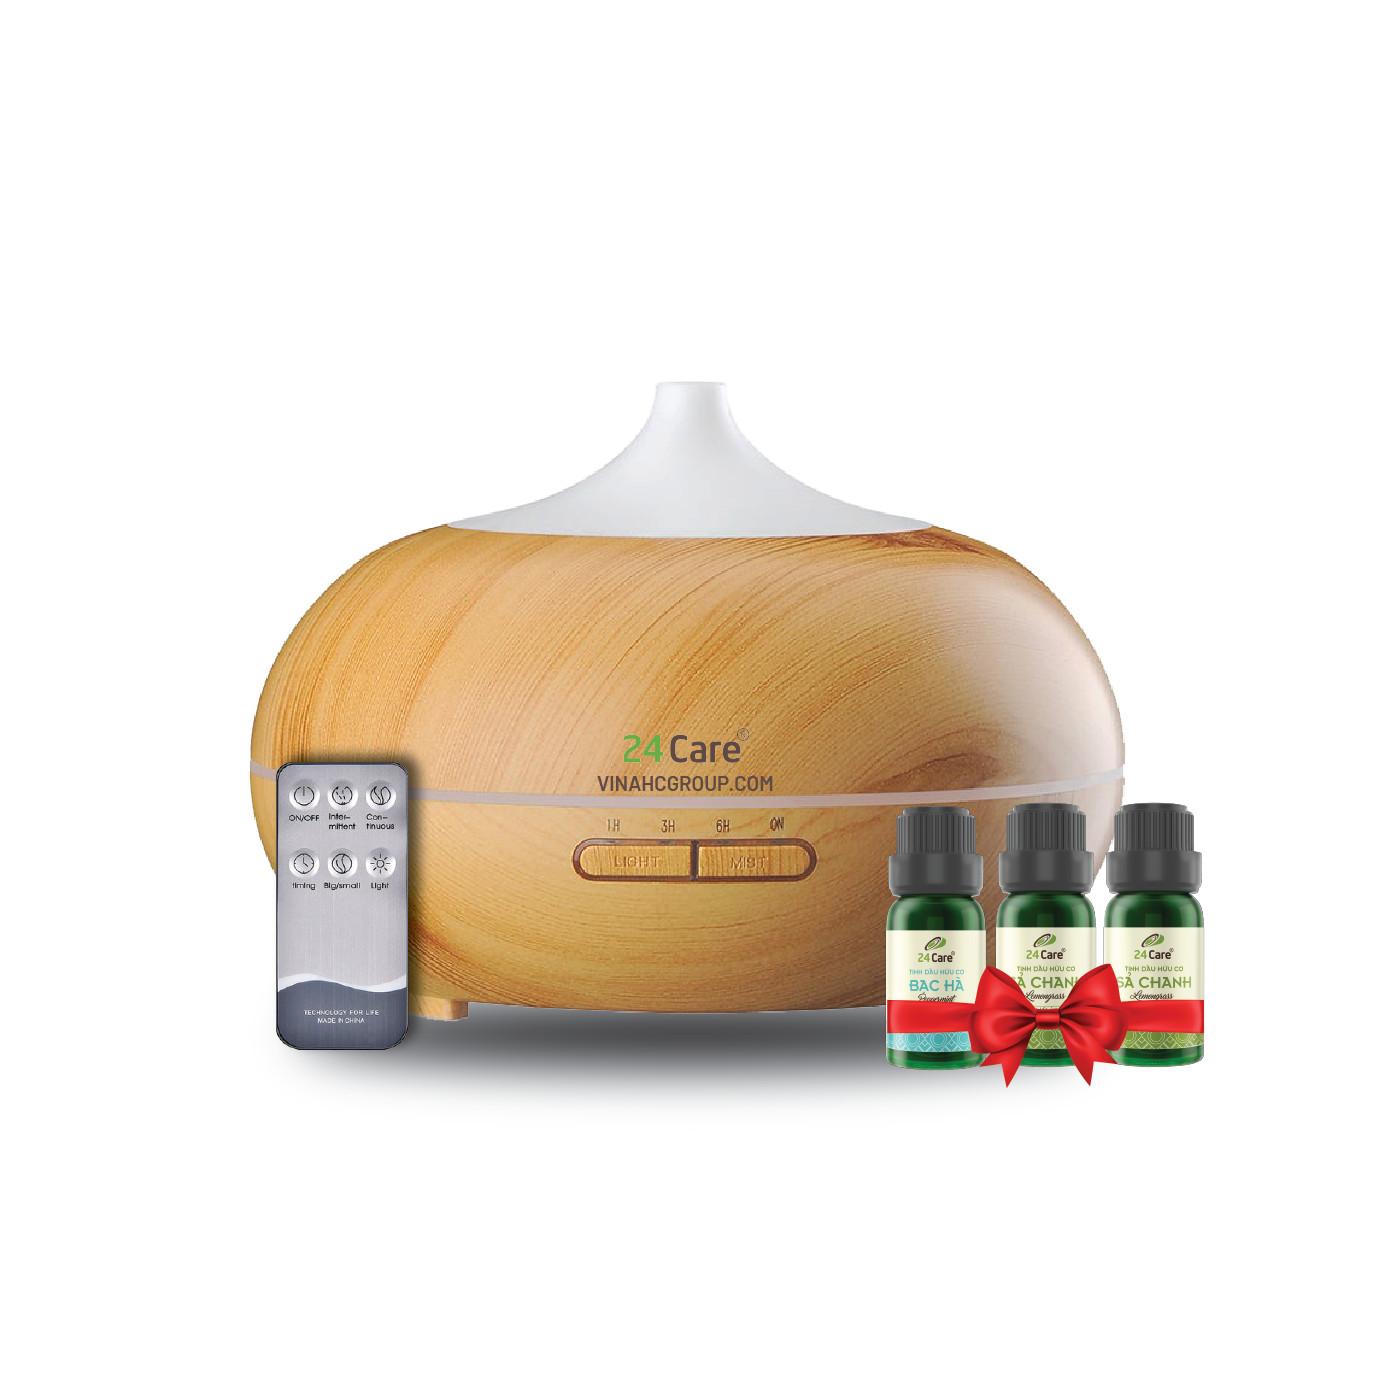 Máy khuếch tán Tinh dầu 24Care Bí Ngô Vàng Ultrasonic 500ML, Tặng 2 chai Tinh dầu Sả Chanh + 1 chai Bạc Hà 24Care 10ml  Xông Phòng  Kèm Remote điều khiển  Công nghệ siêu âm.